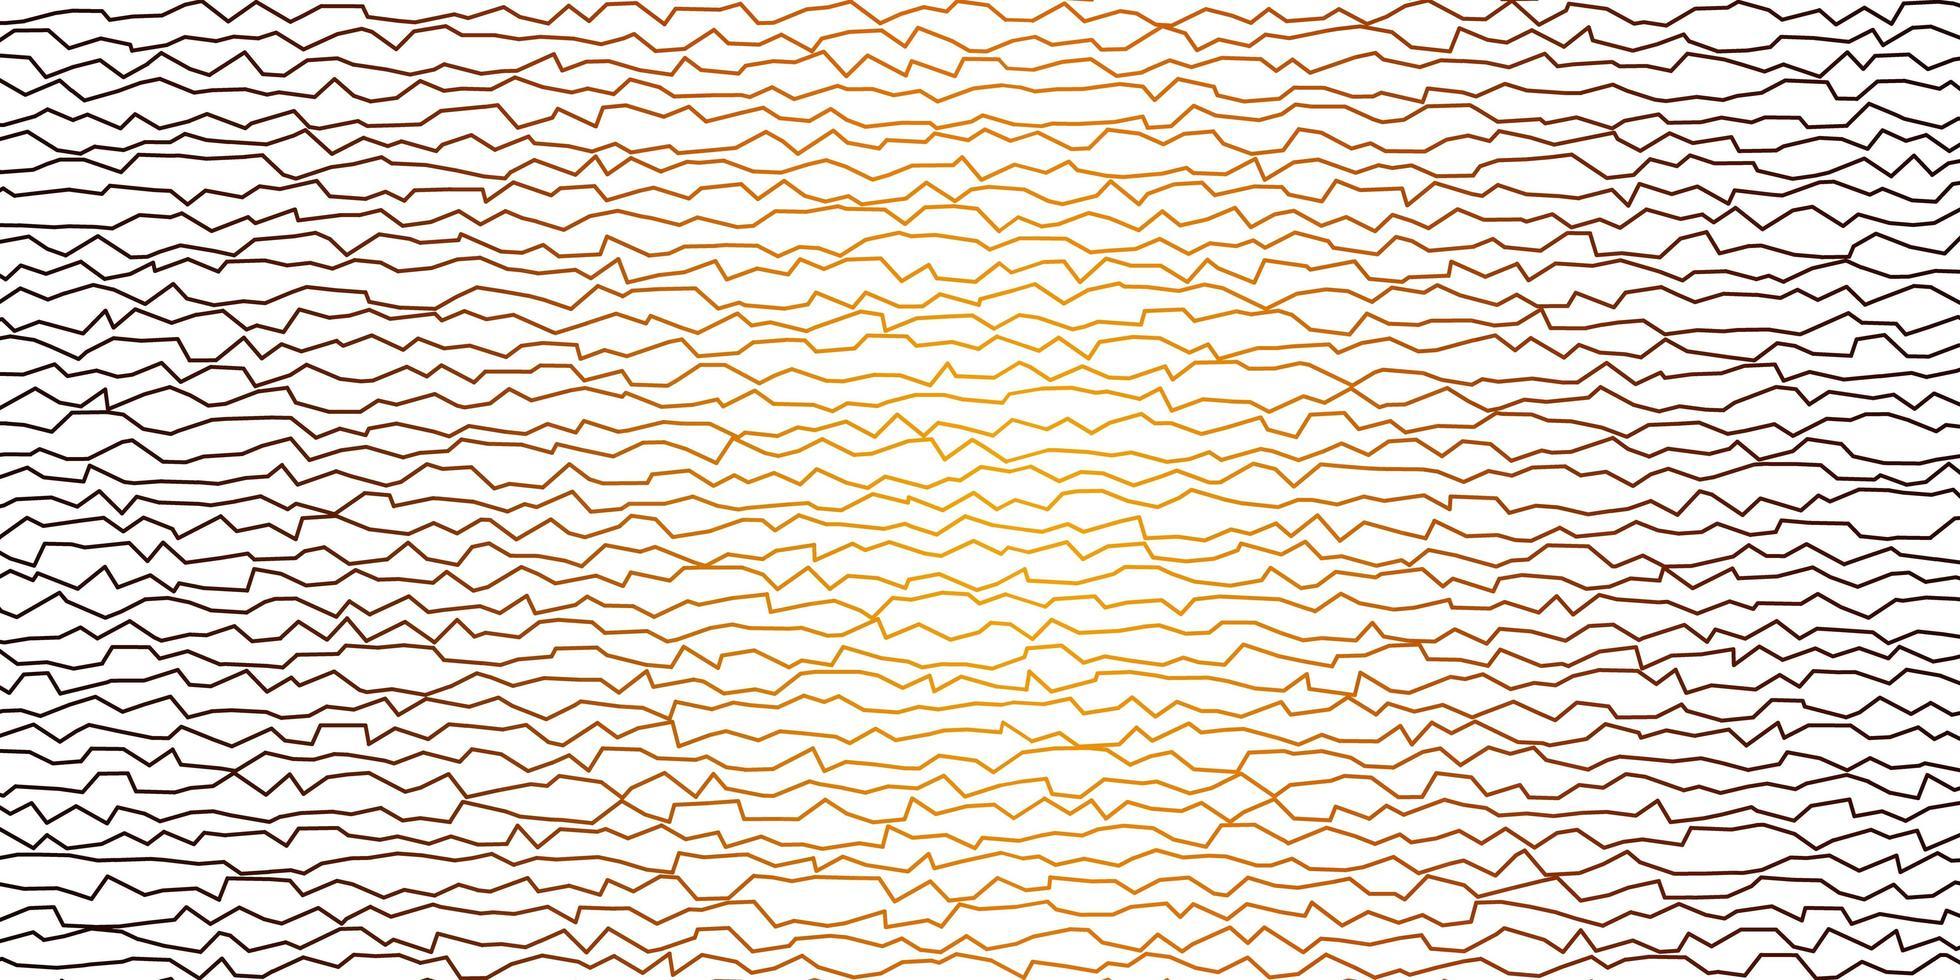 modèle vectoriel orange foncé avec des lignes courbes.